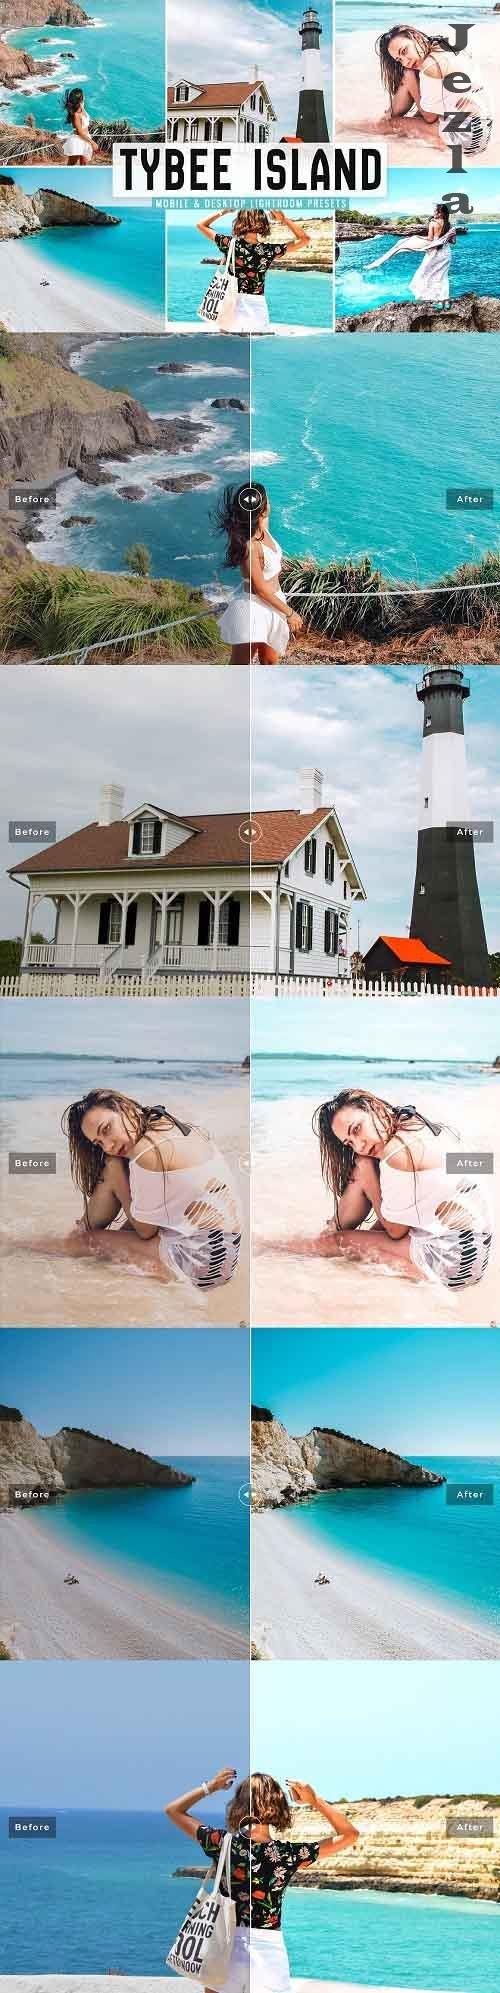 Tybee Island Pro Lightroom Presets - 5380687 - Mobile & Desktop